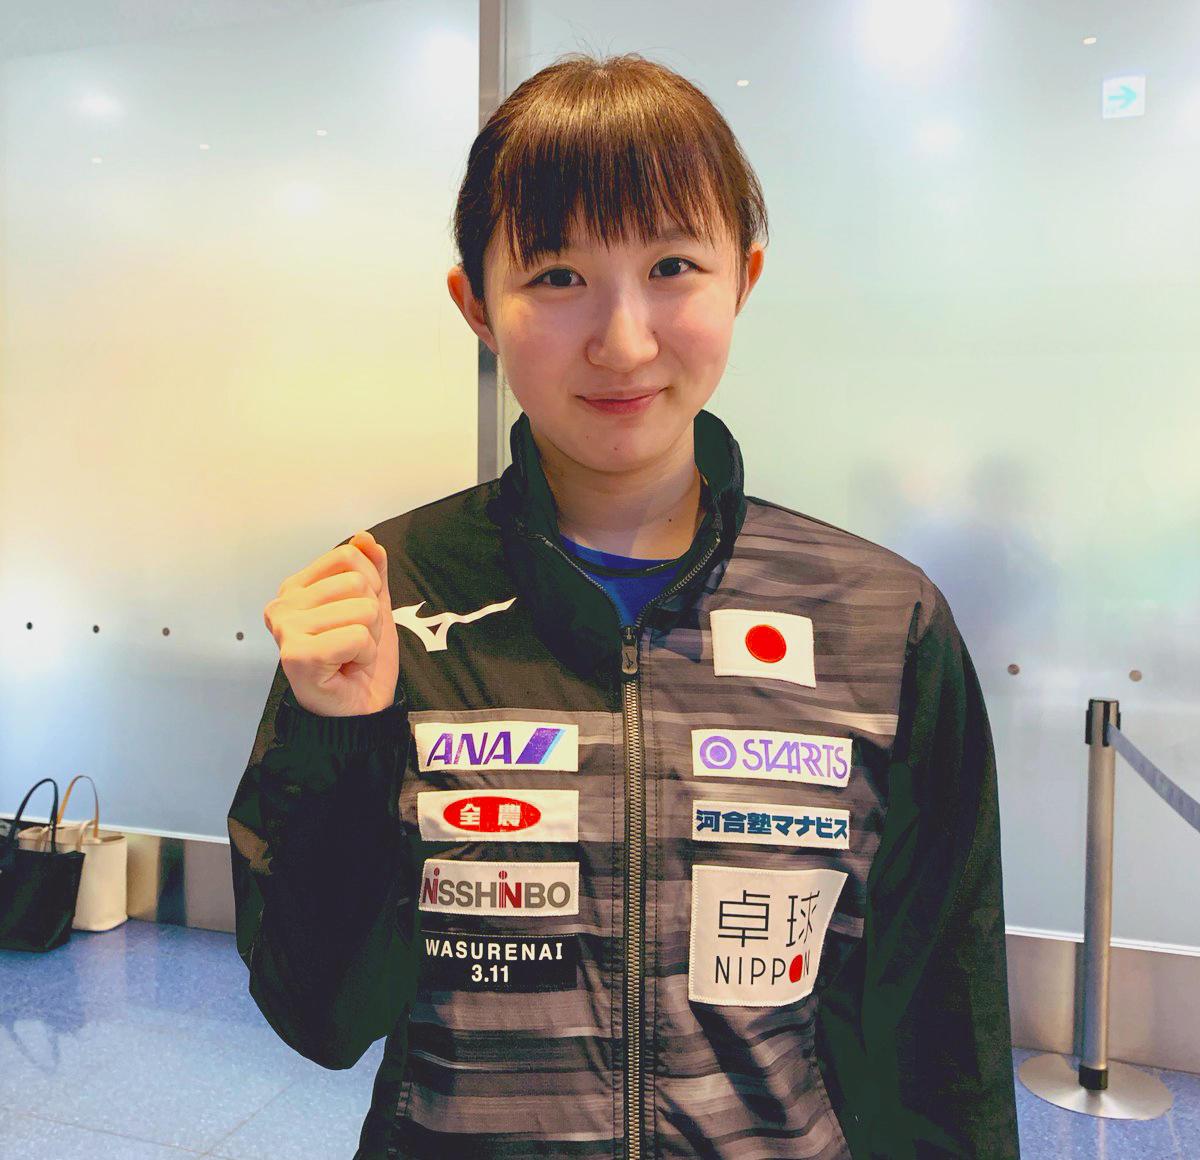 早田ひな 五輪代表レースへ意欲「自分らしく自信をもって戦う」中東遠征へ